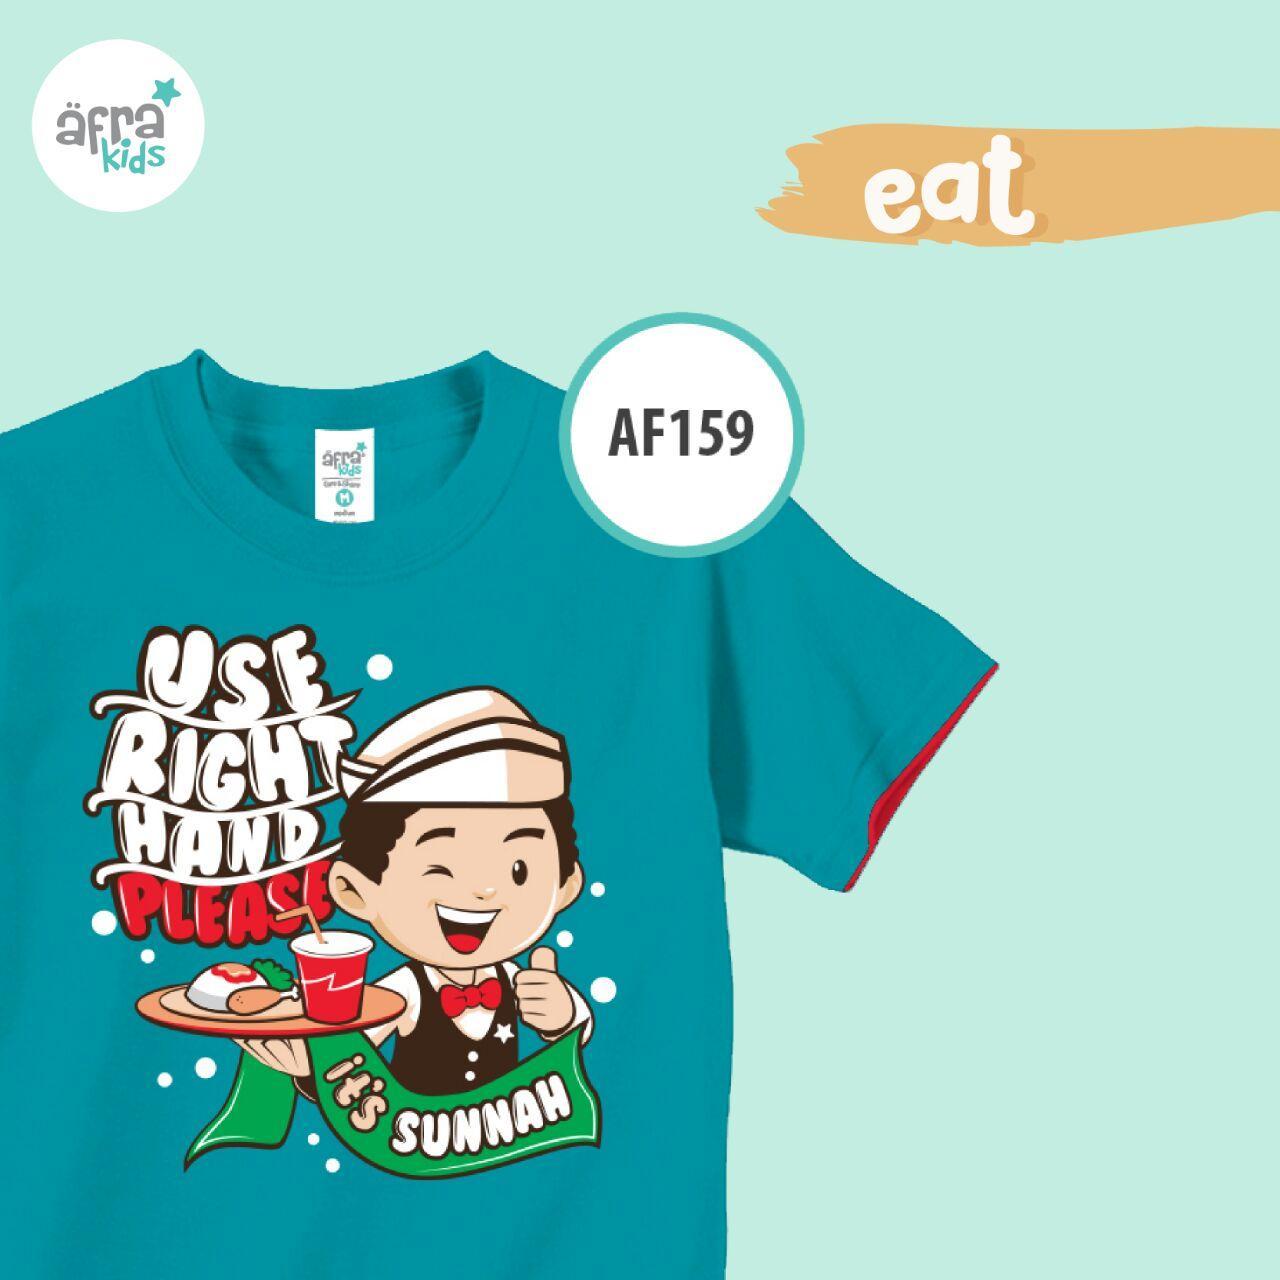 Aria Baju Kaos Anak Afrakids / Baju Kaos Anak Cowok / Baju Kaos Lengan Pendek Laki - Laki / AF159 - Tosca